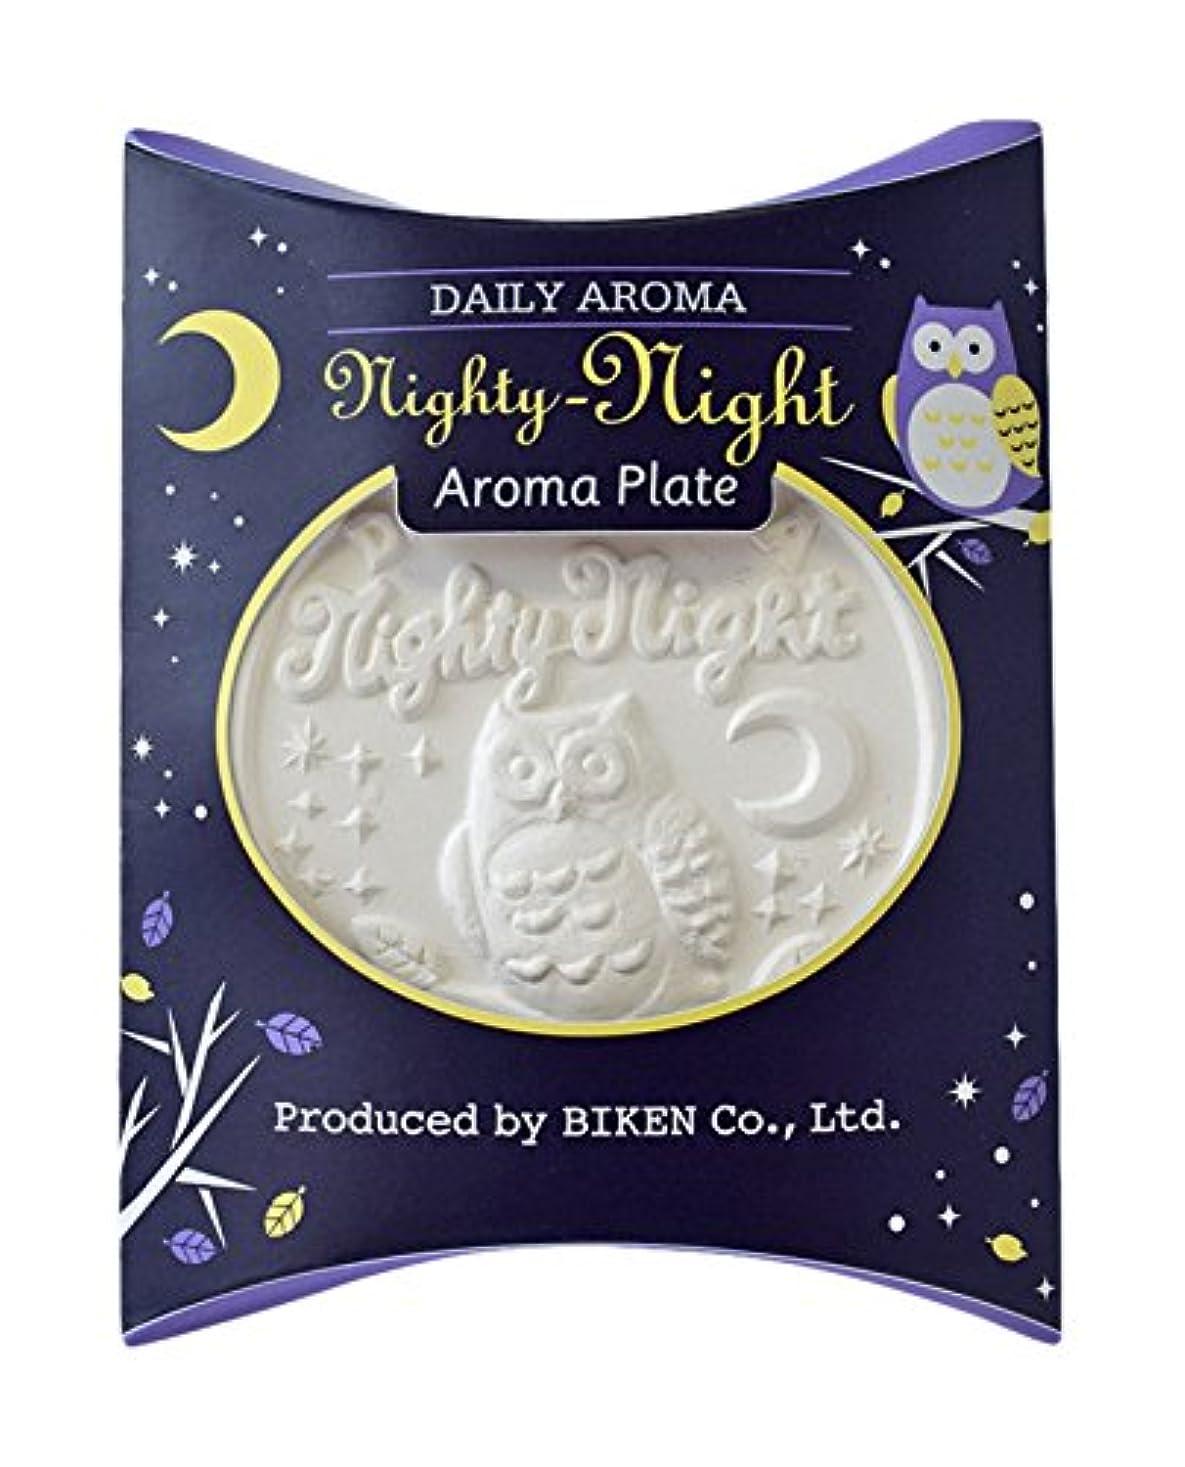 分析するバリケード名前Nighty-Night アロマプレート